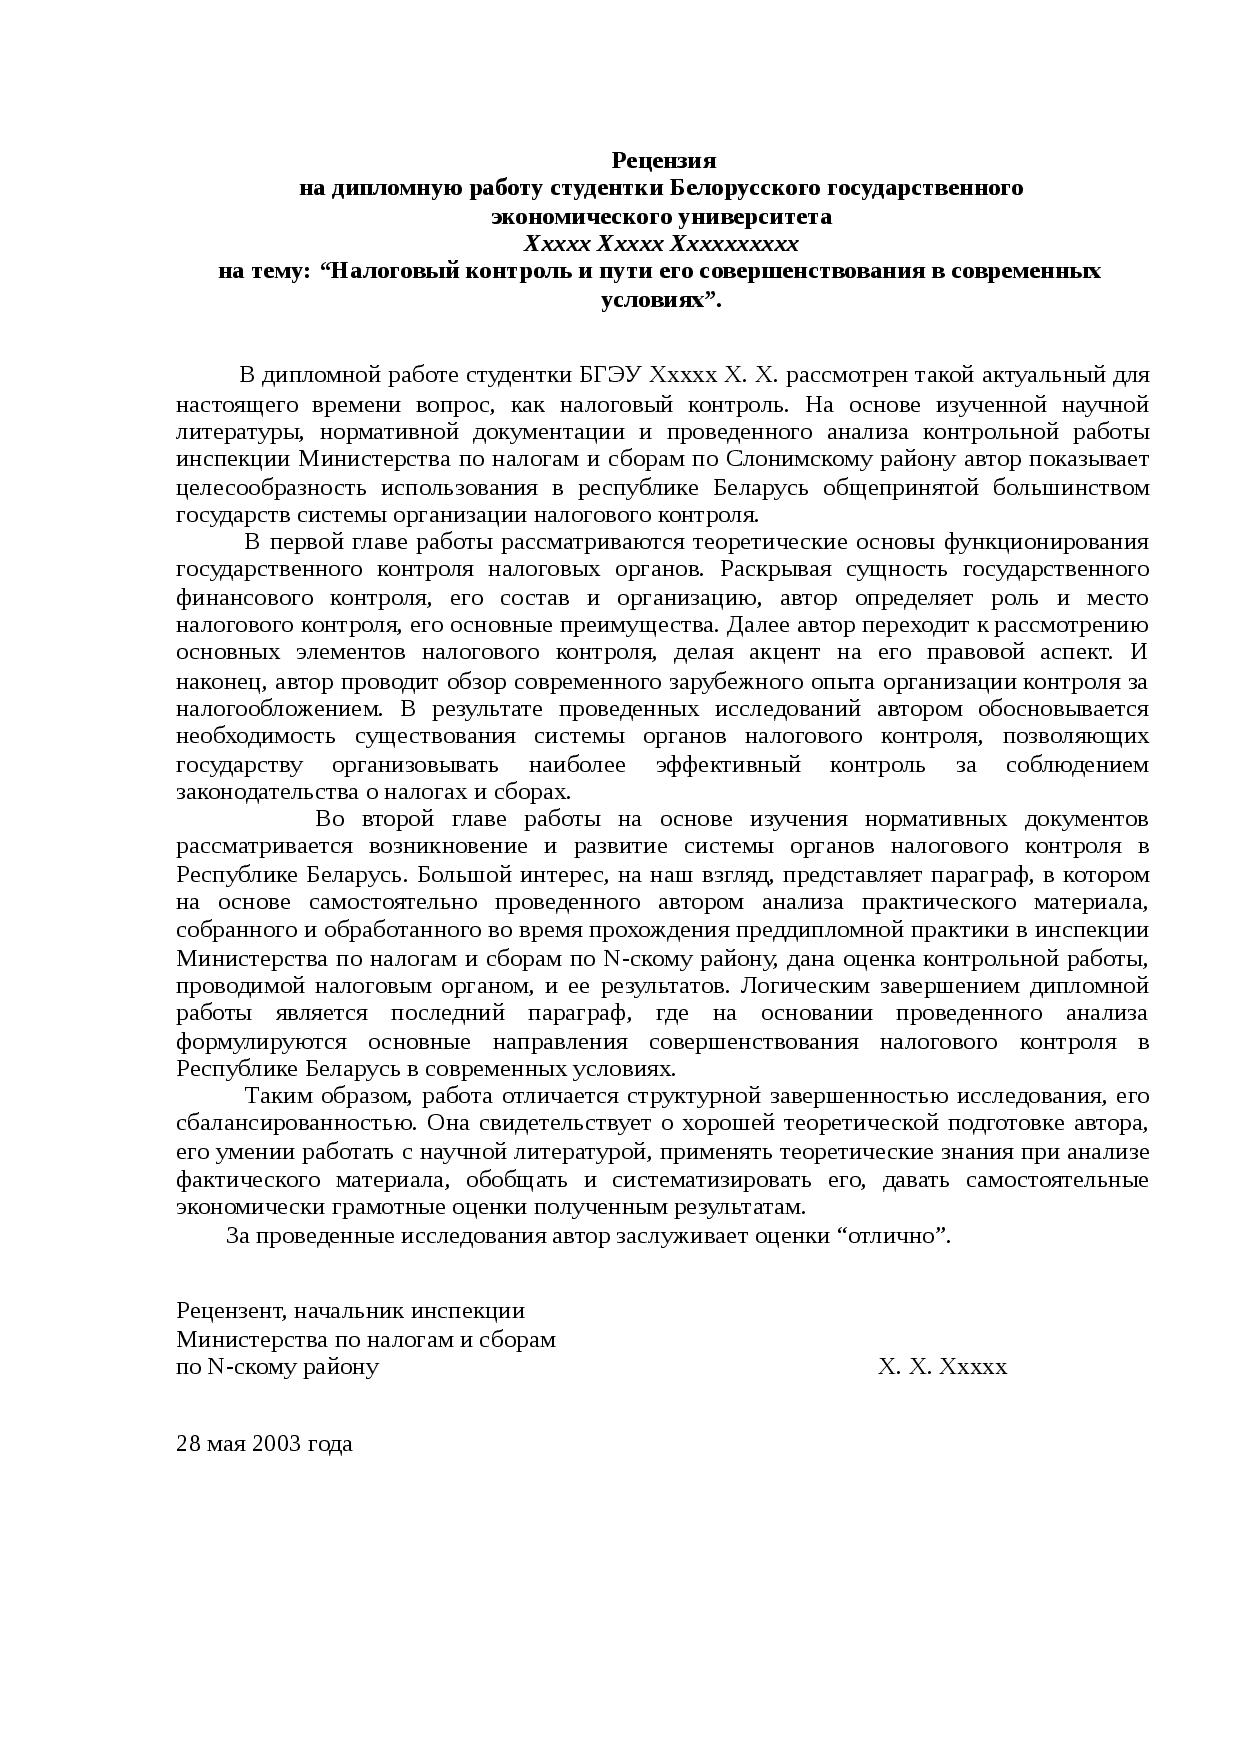 Рецензия на дипломную работу: образец правильного написания рецензии на вкр